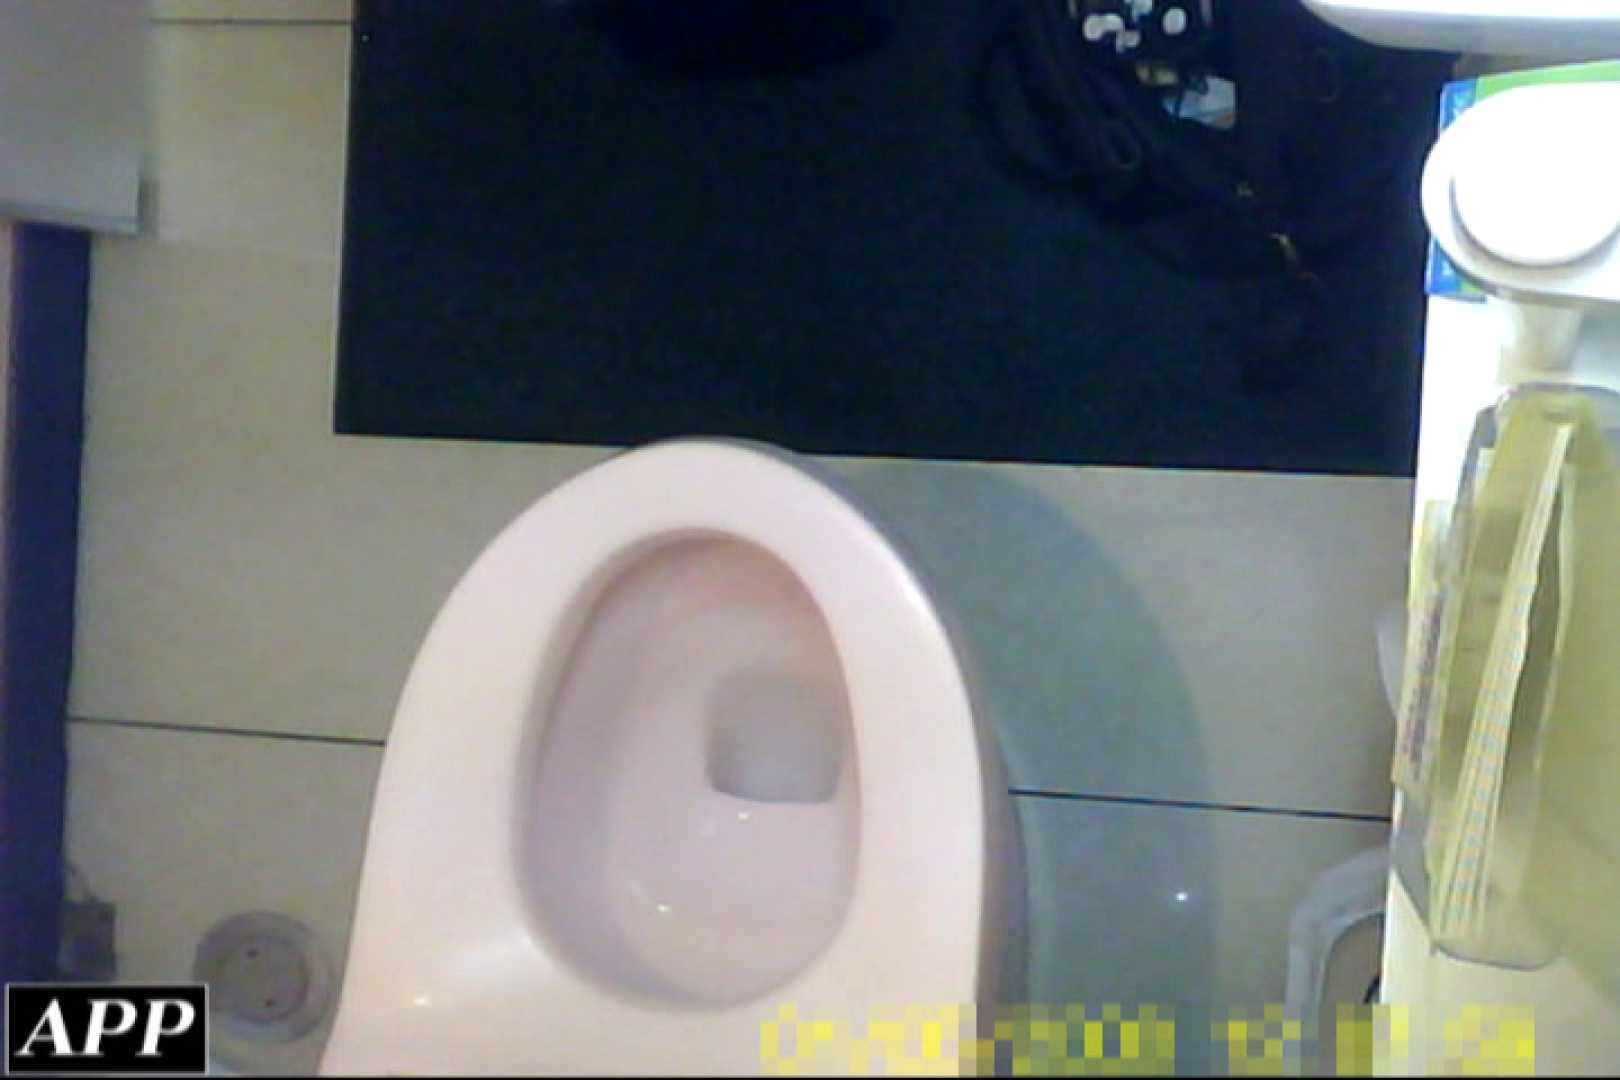 3視点洗面所 vol.32 洗面所 | お姉さん達のオマンコ  86連発 73